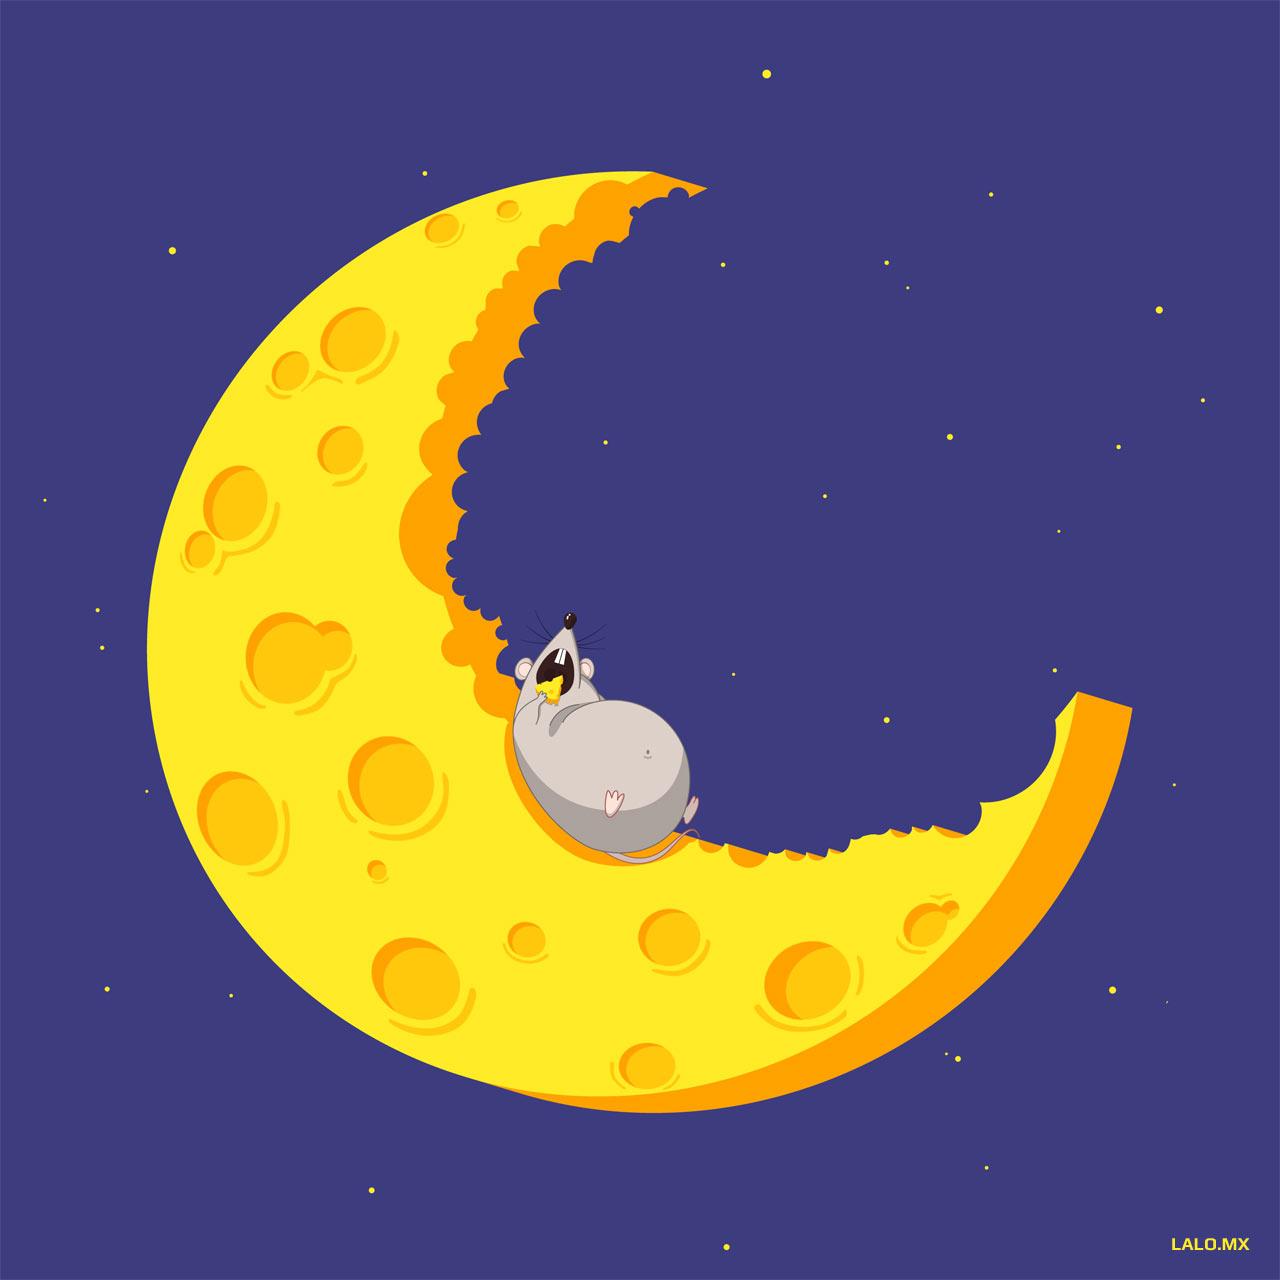 datos fecha 23 de octubre de 2012 lugar la luna